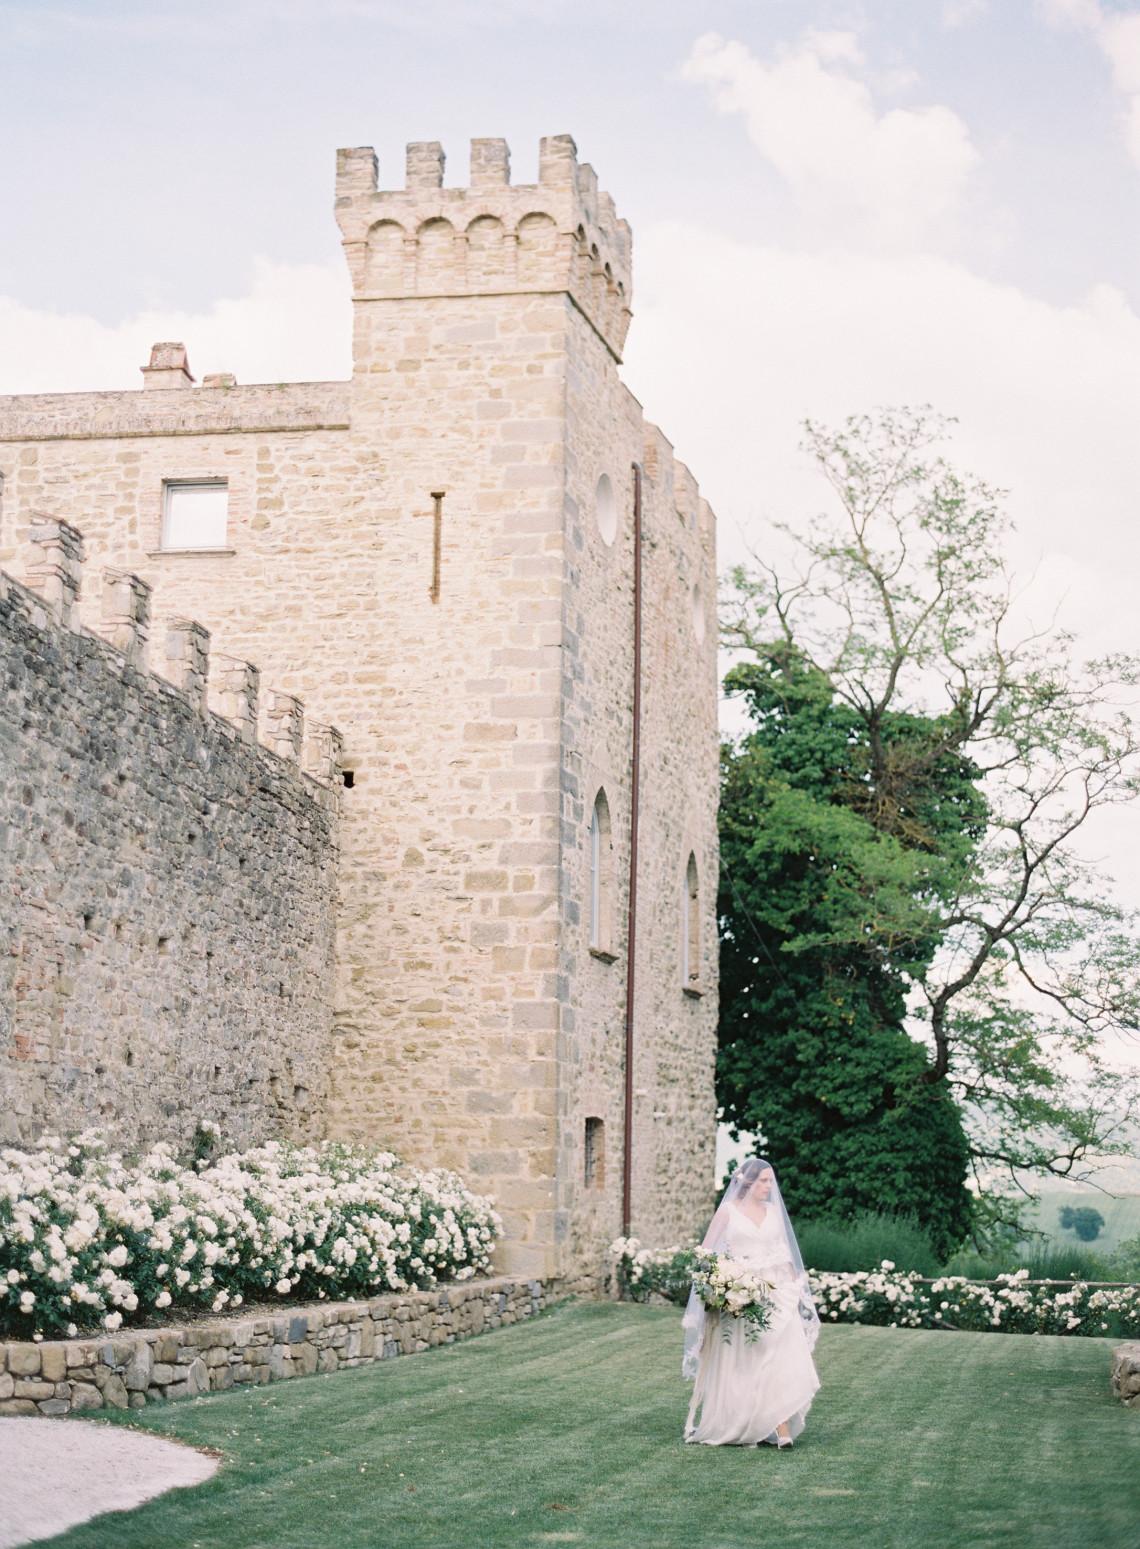 italy-castello-di-ramazzano-editorial-photographer-s-favorites-0051